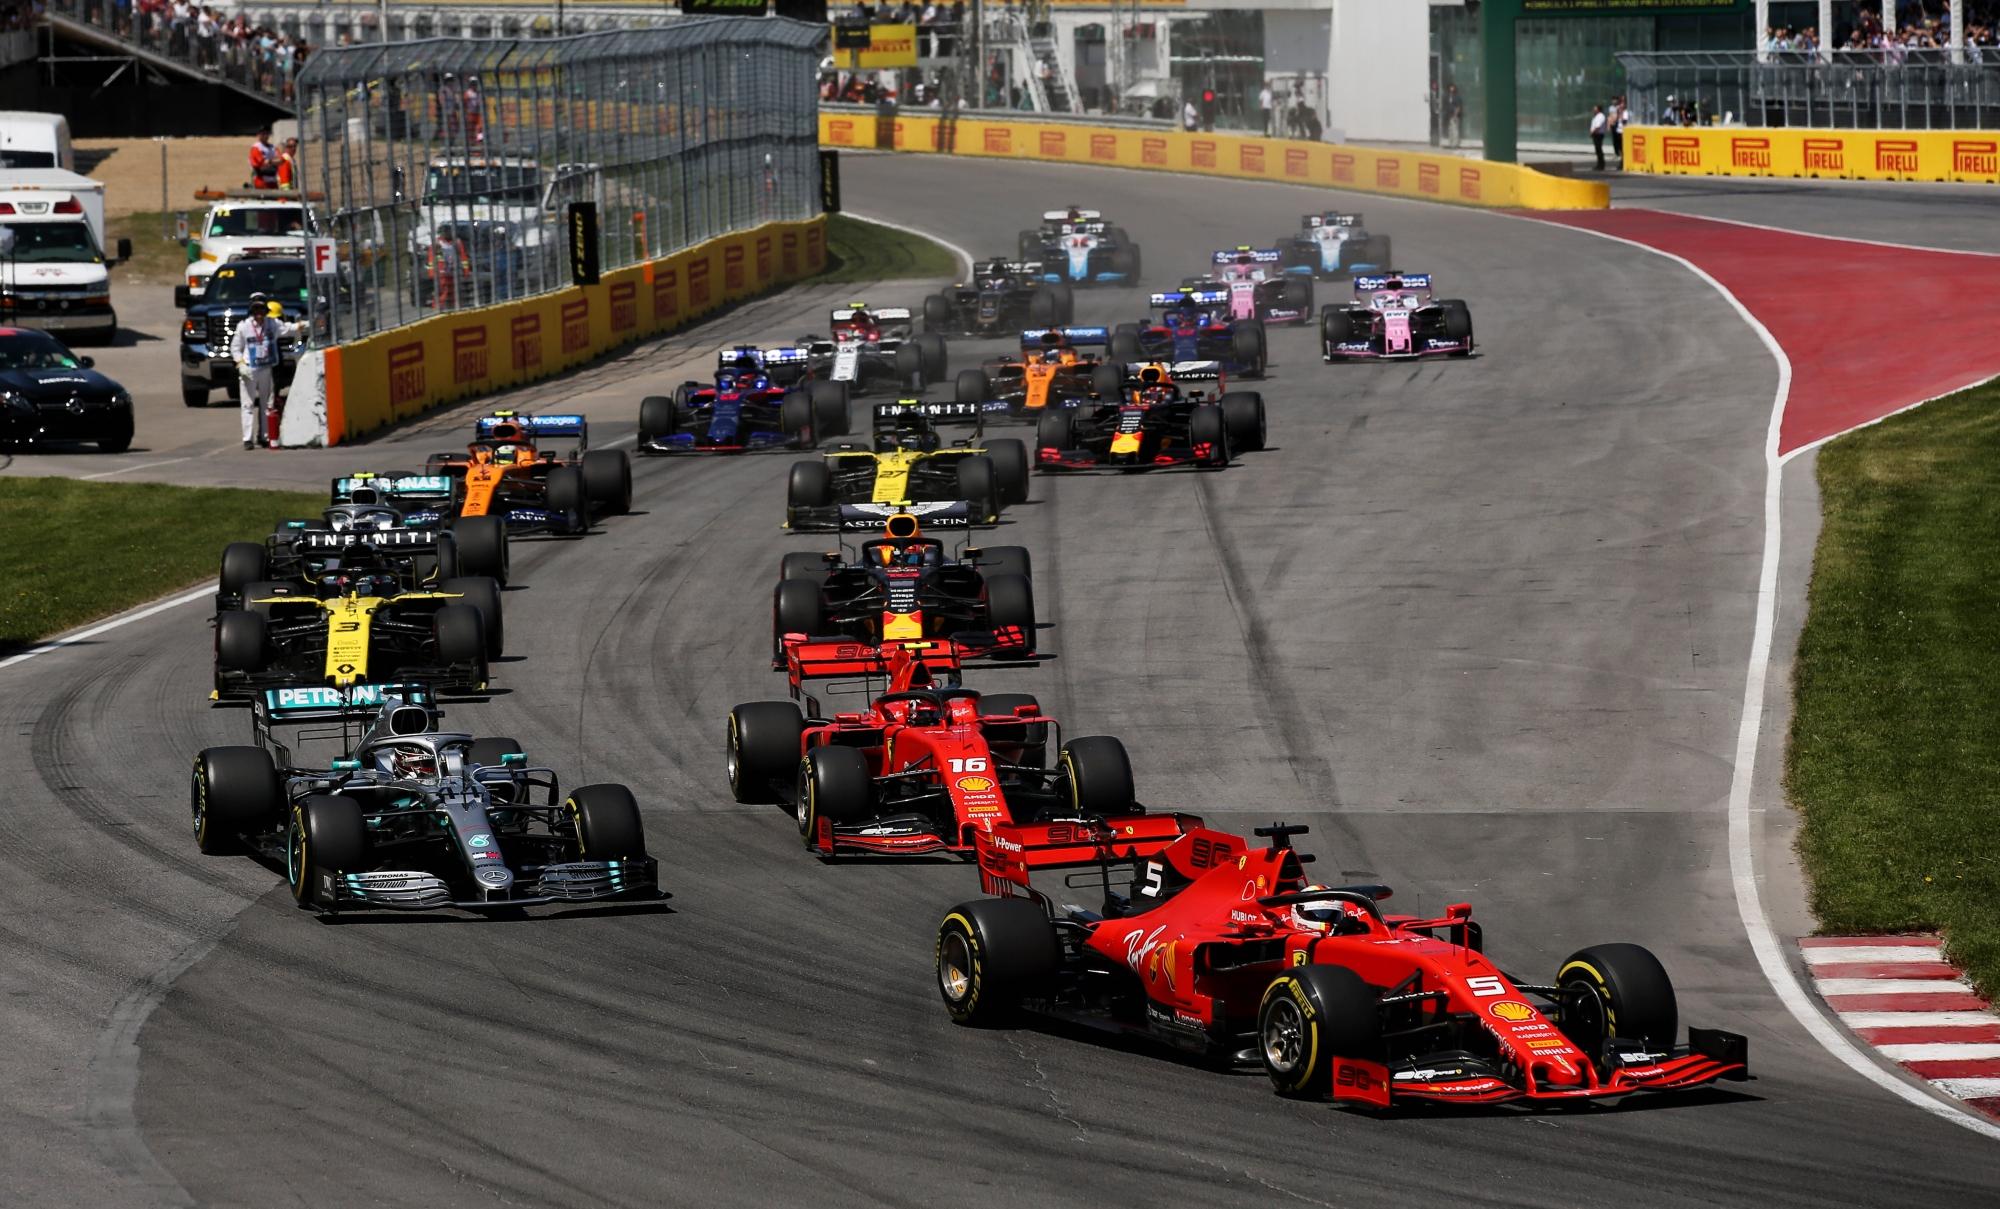 F1 2021 – GP du Canada annulé, Istanbul de retour au calendrier !